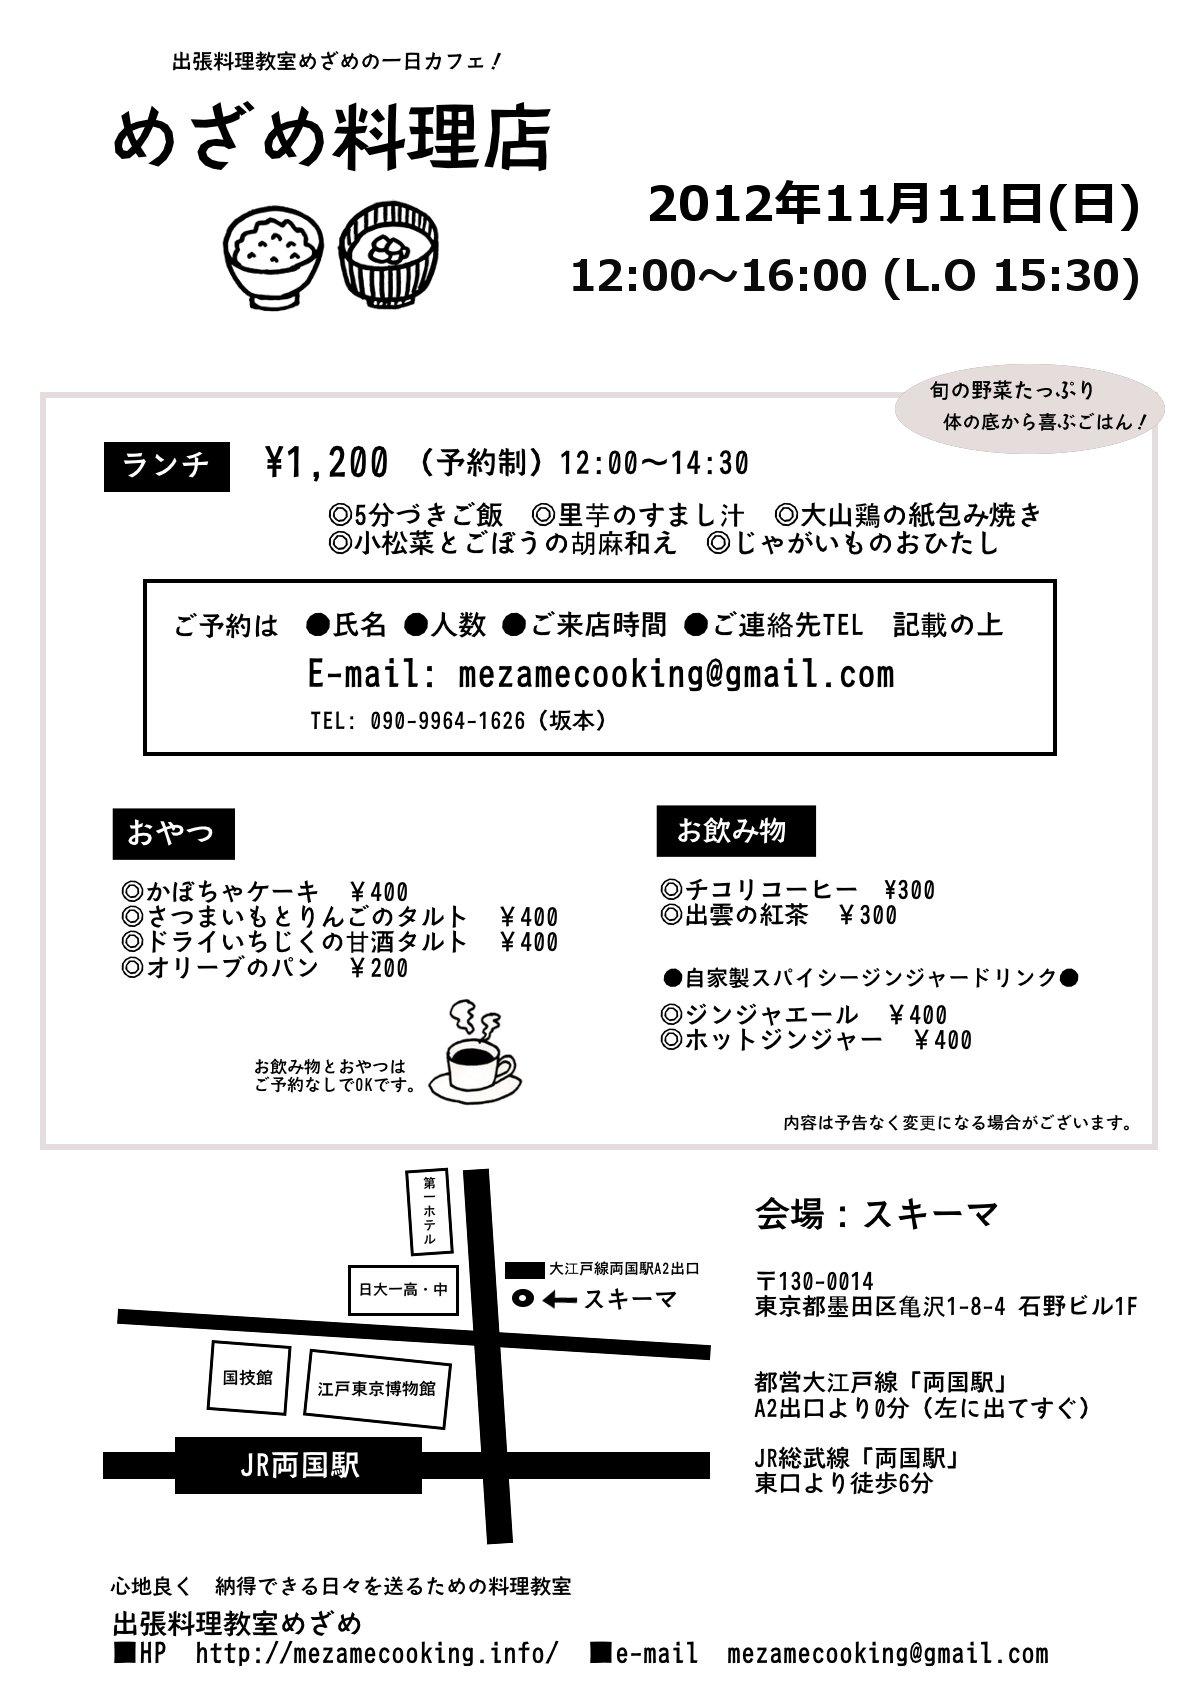 めざめ料理店ポスター121111-2